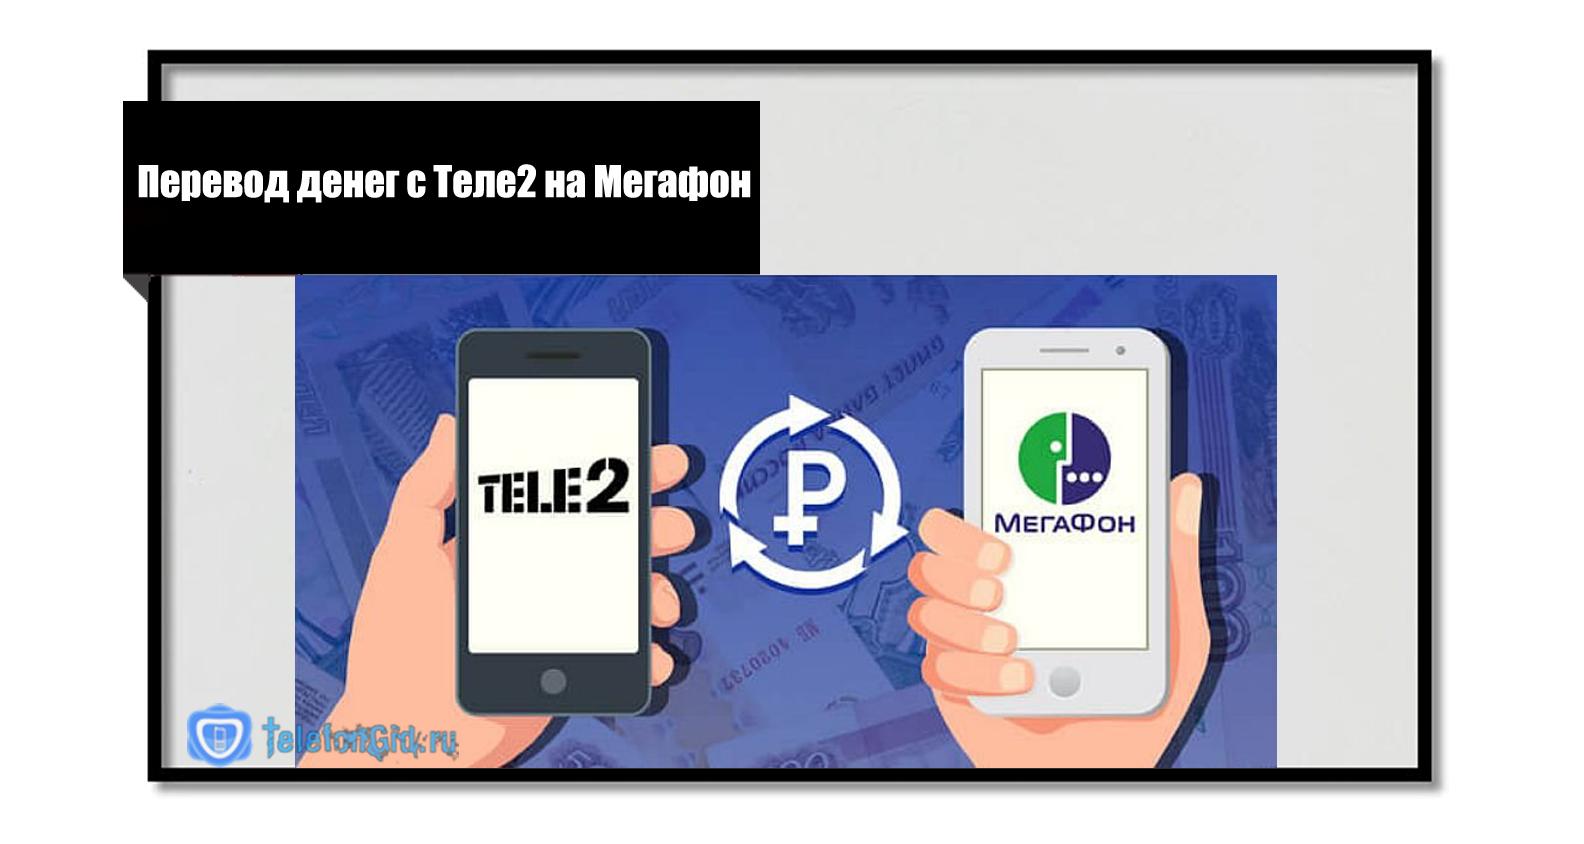 кредит на счет телефона мегафон